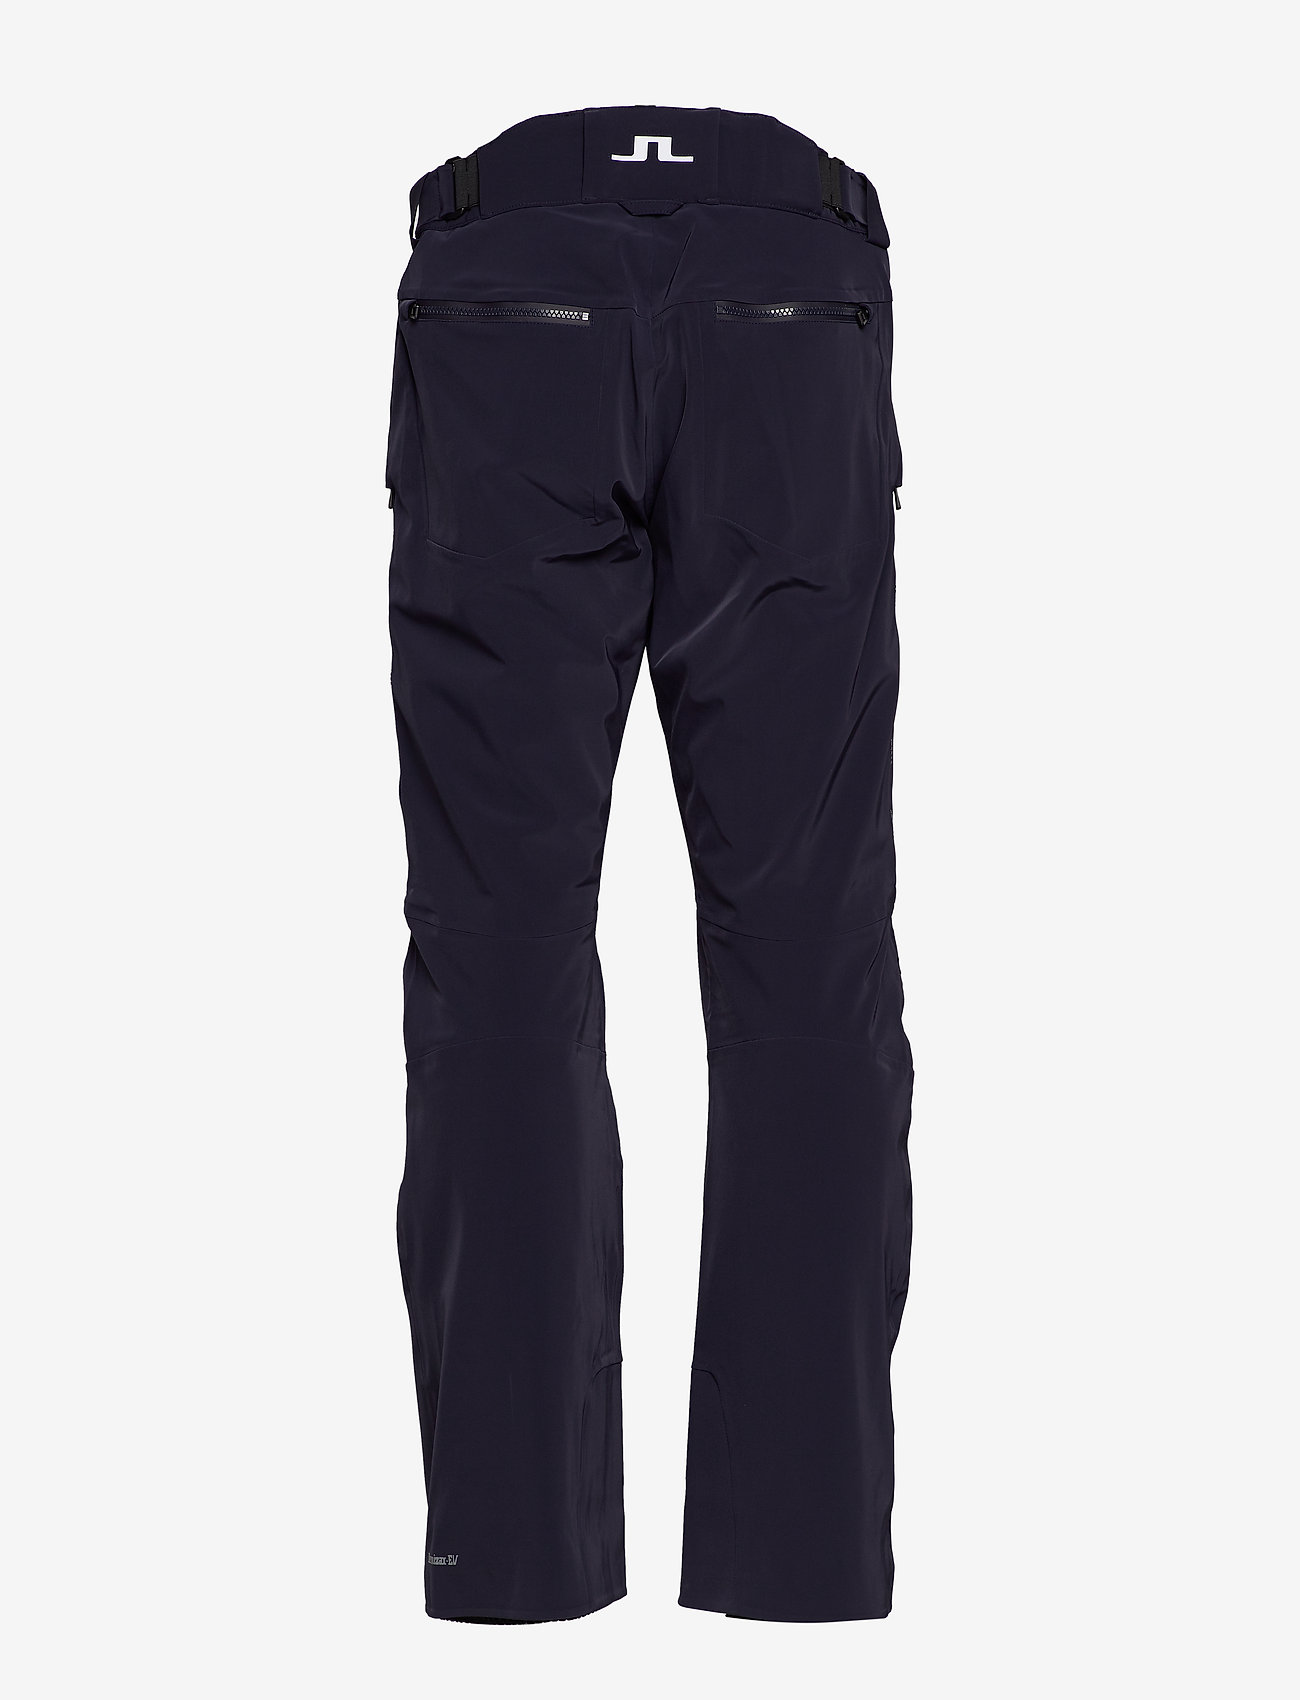 J. Lindeberg Ski - M Moffit Pts-Dermizax EV 2L - skiing pants - jl navy - 1